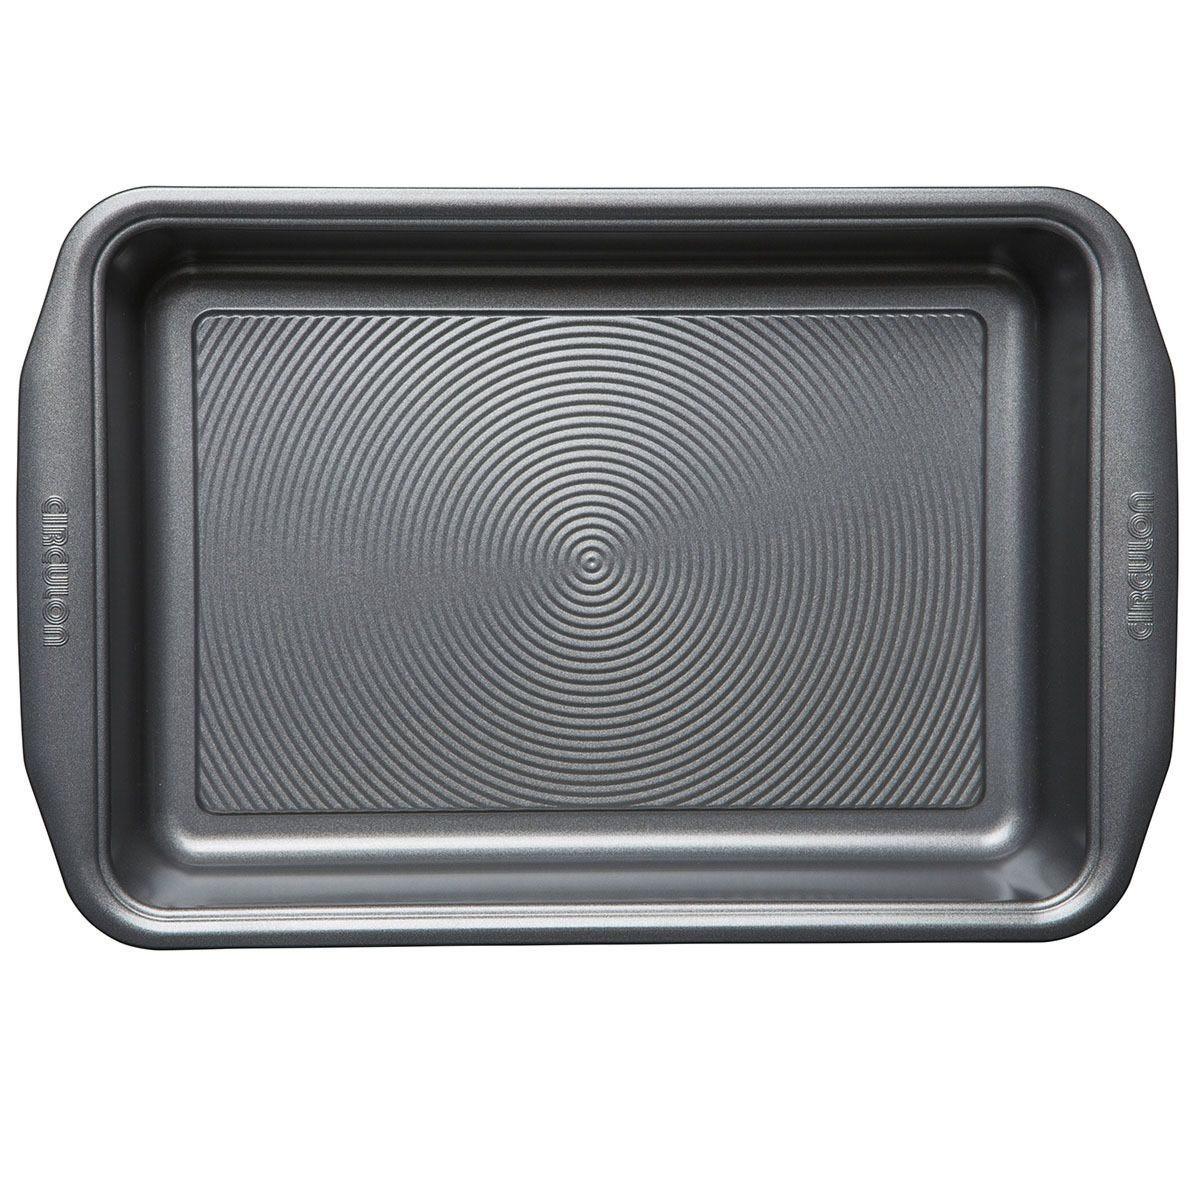 Circulon rectangular cake tin